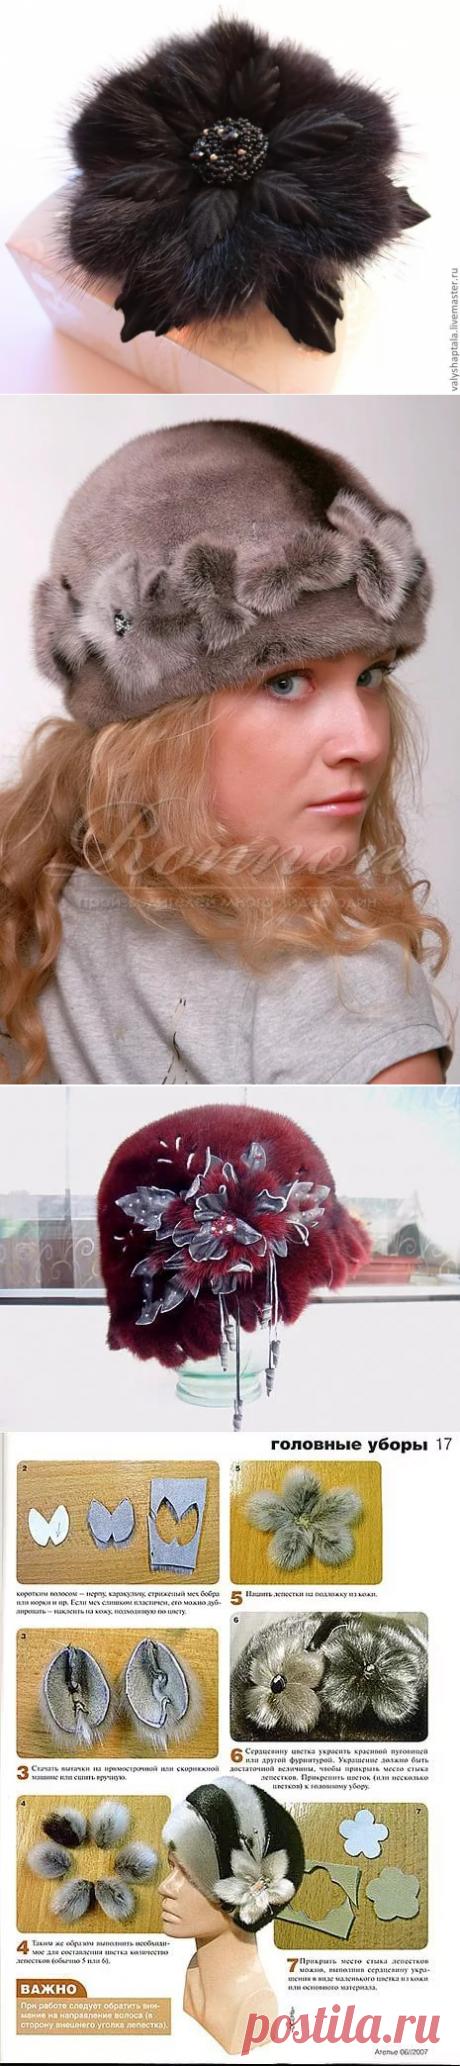 цветок из меха норки для шапки своими руками: 14 тыс изображений найдено в Яндекс.Картинках